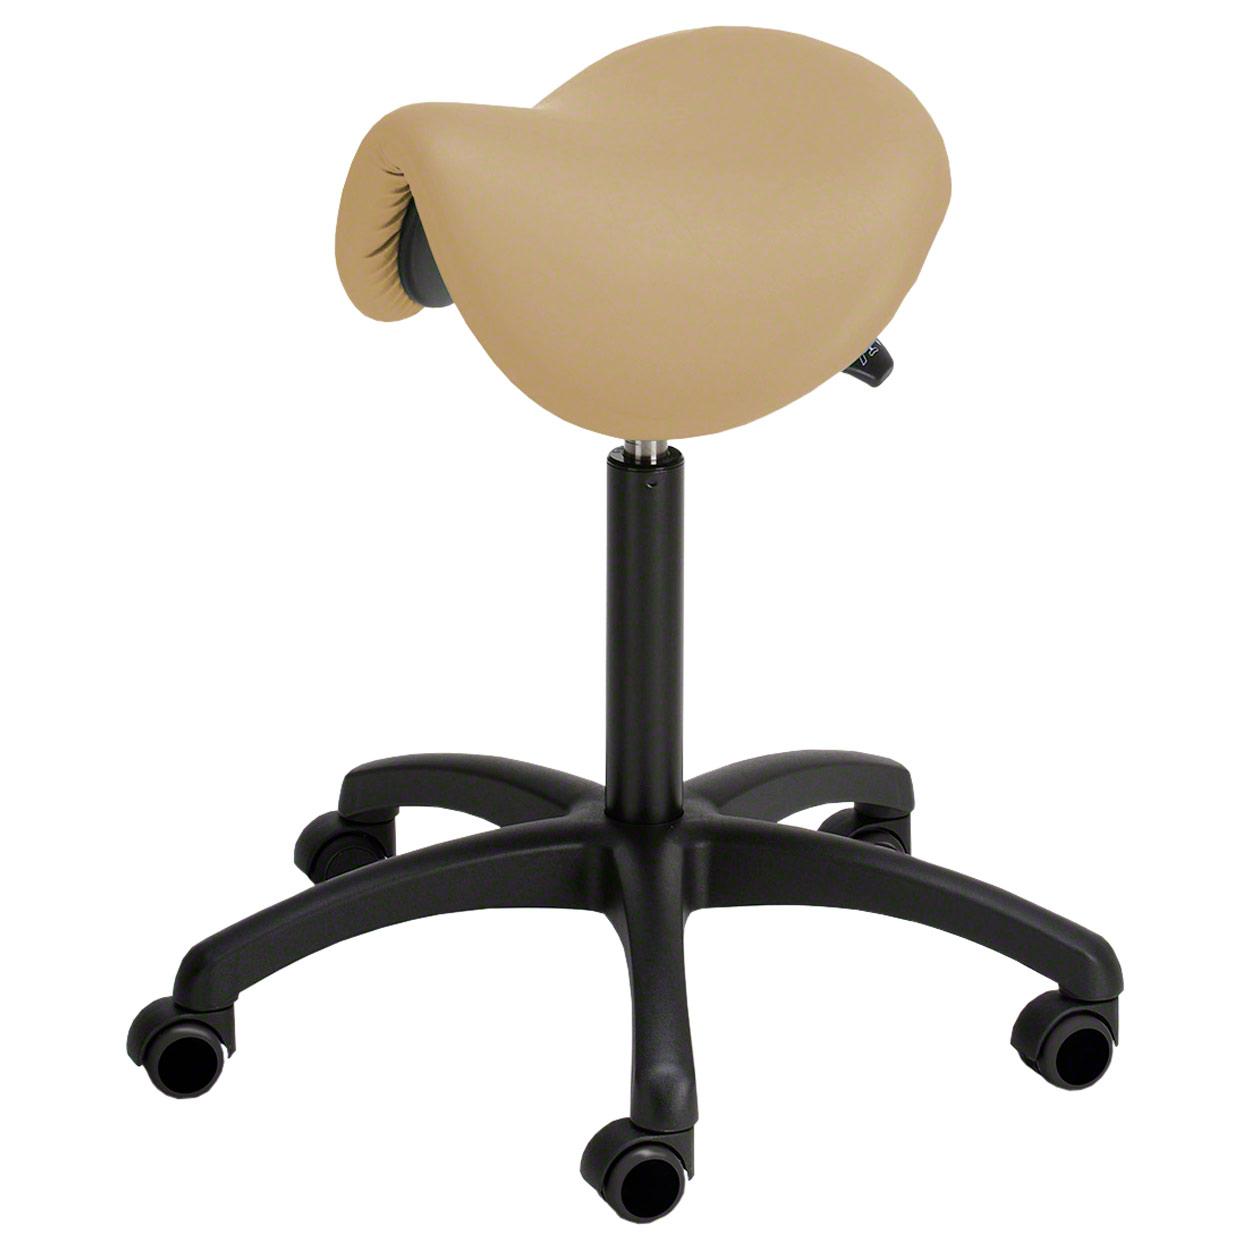 sattelhocker standard mit polster und rollen rollhocker. Black Bedroom Furniture Sets. Home Design Ideas